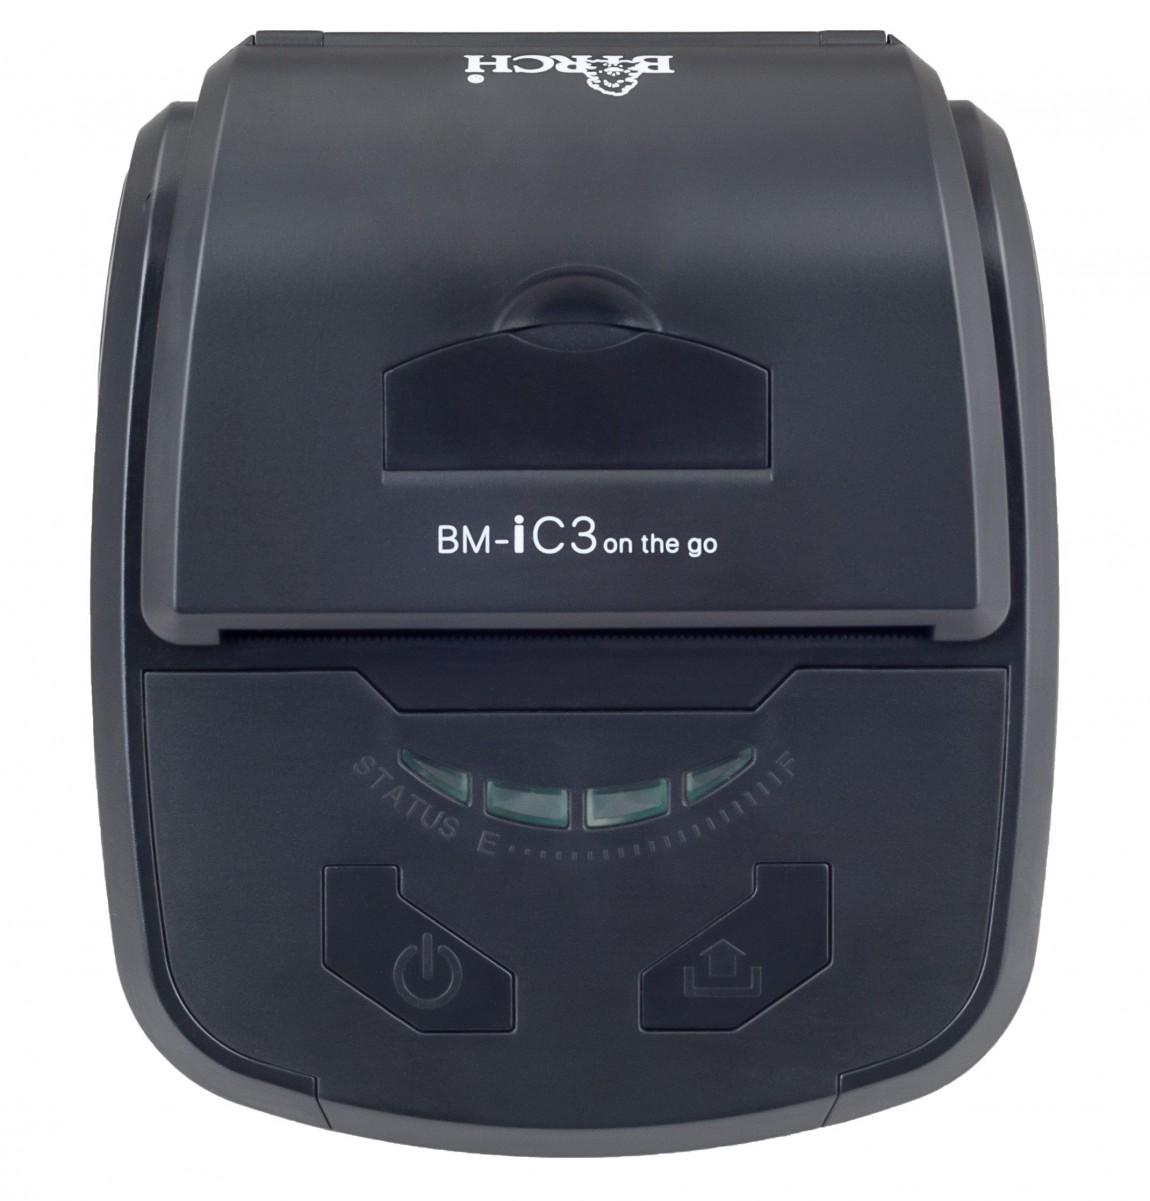 bluetooth portable printer ios bmic3